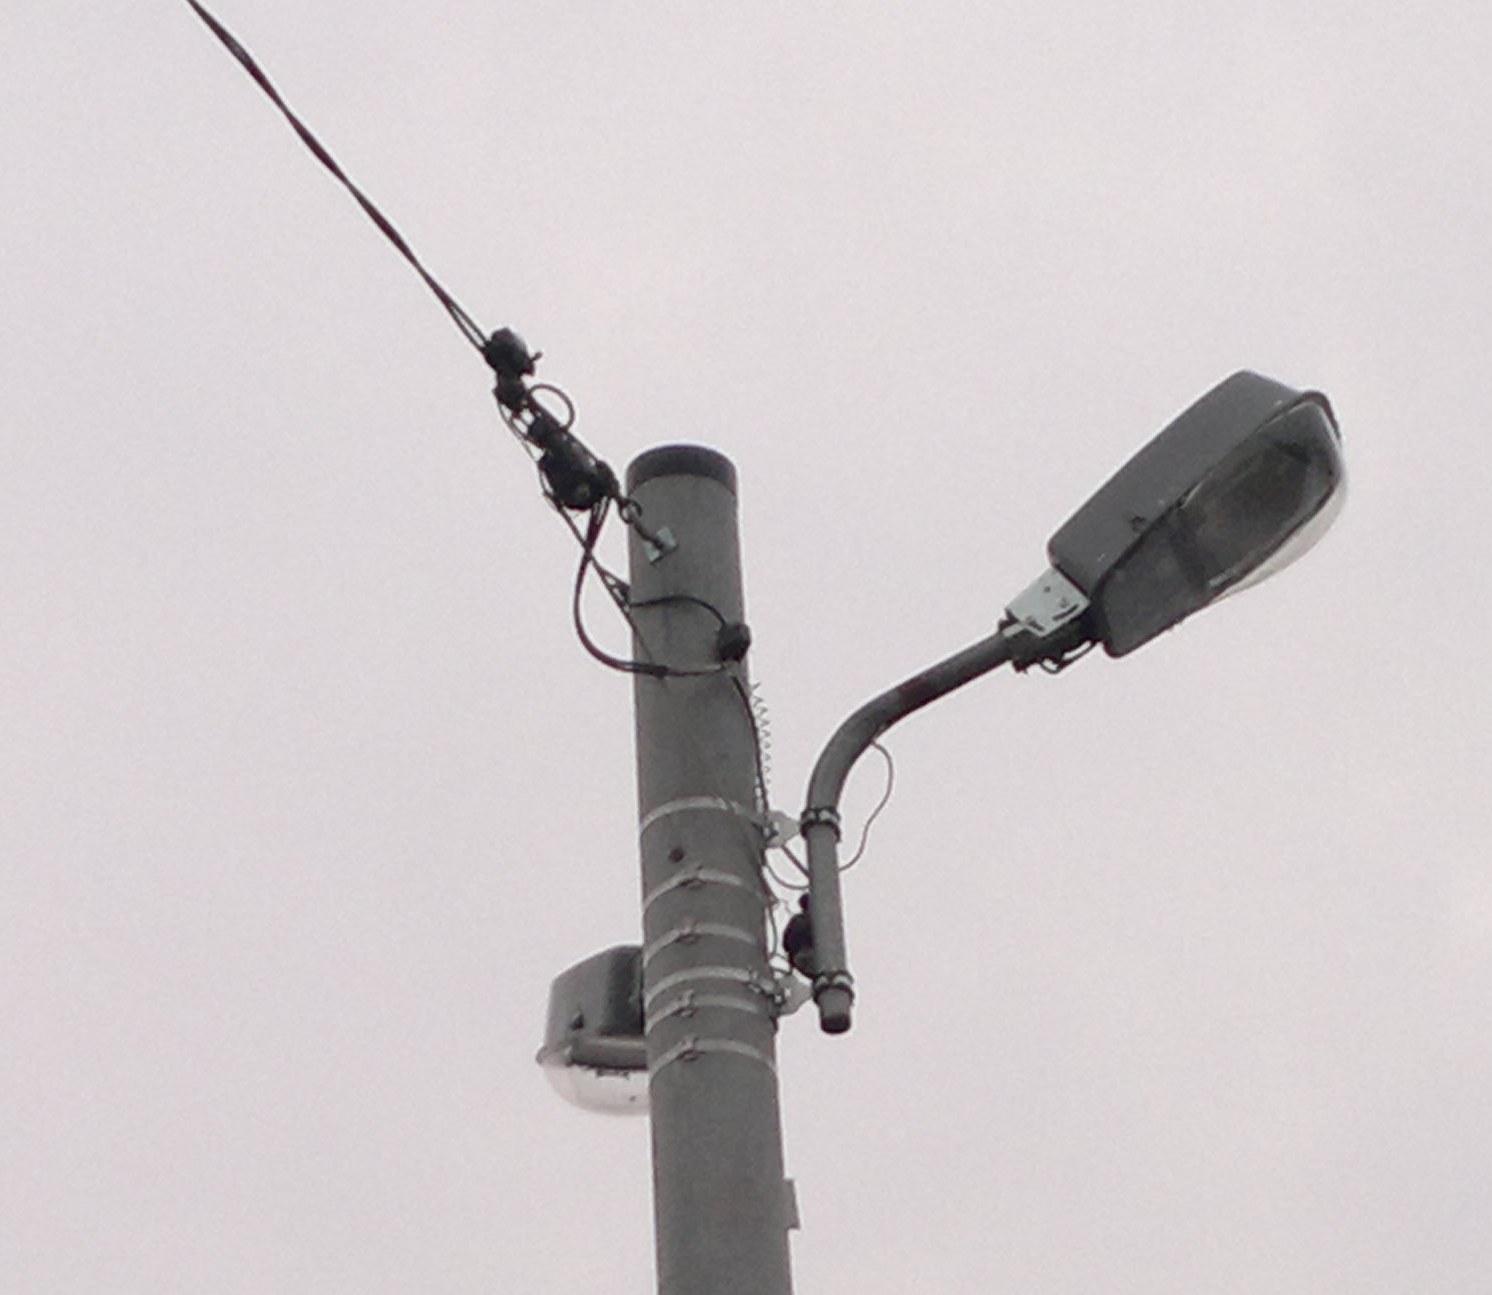 Podłączenie oddalonego słupa oświetleniowego czy